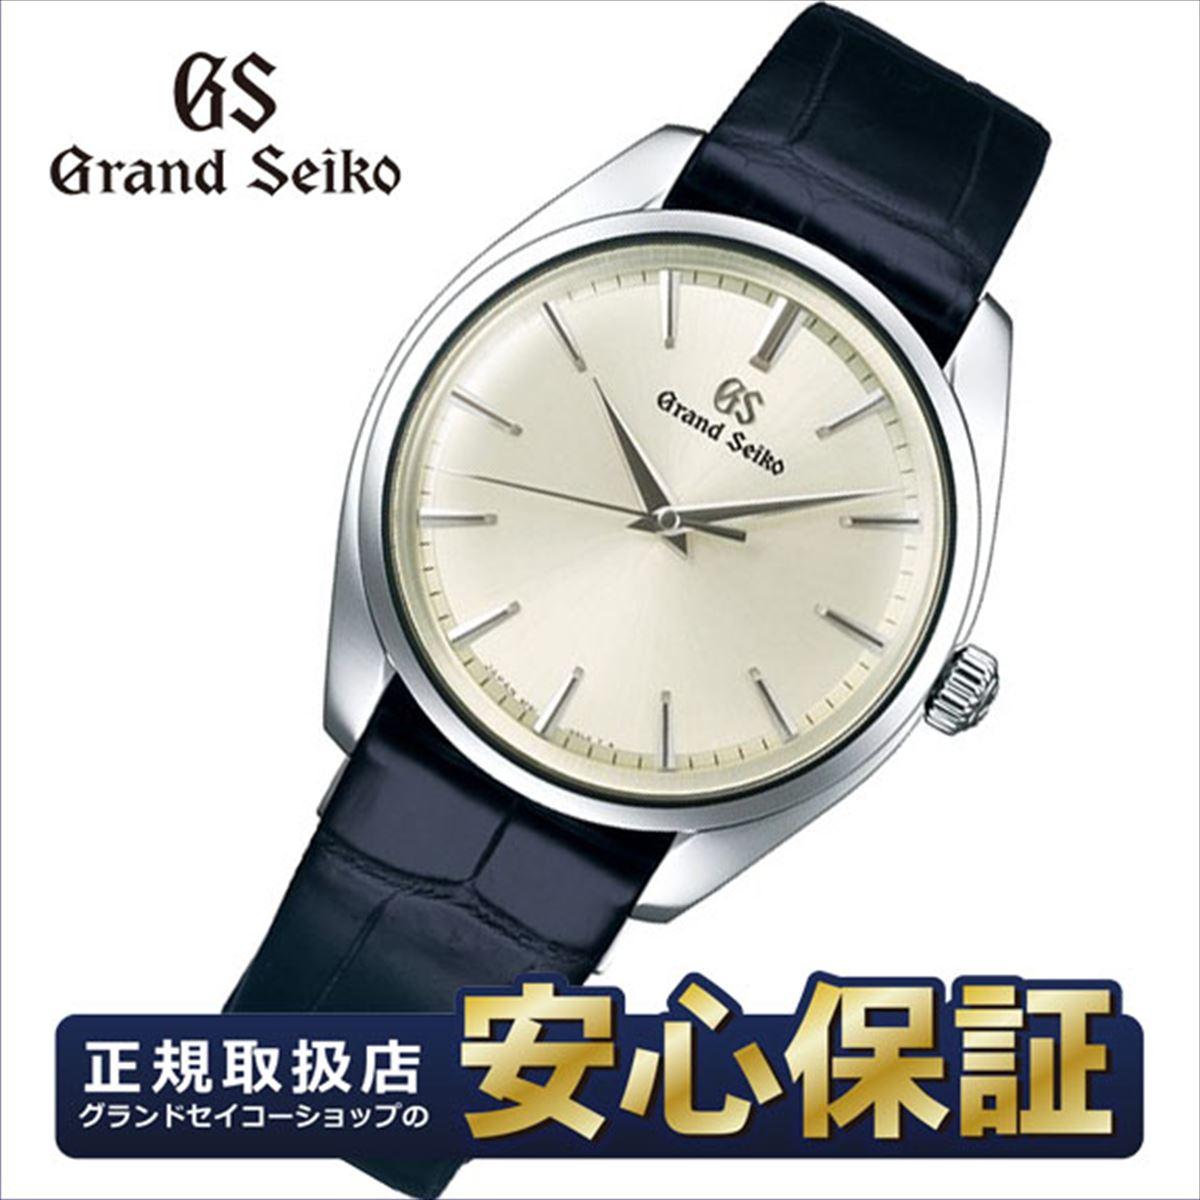 腕時計, メンズ腕時計 10OFF2195930GSSEIKO SBGX331 GRAND SEIKO 0219 10spl